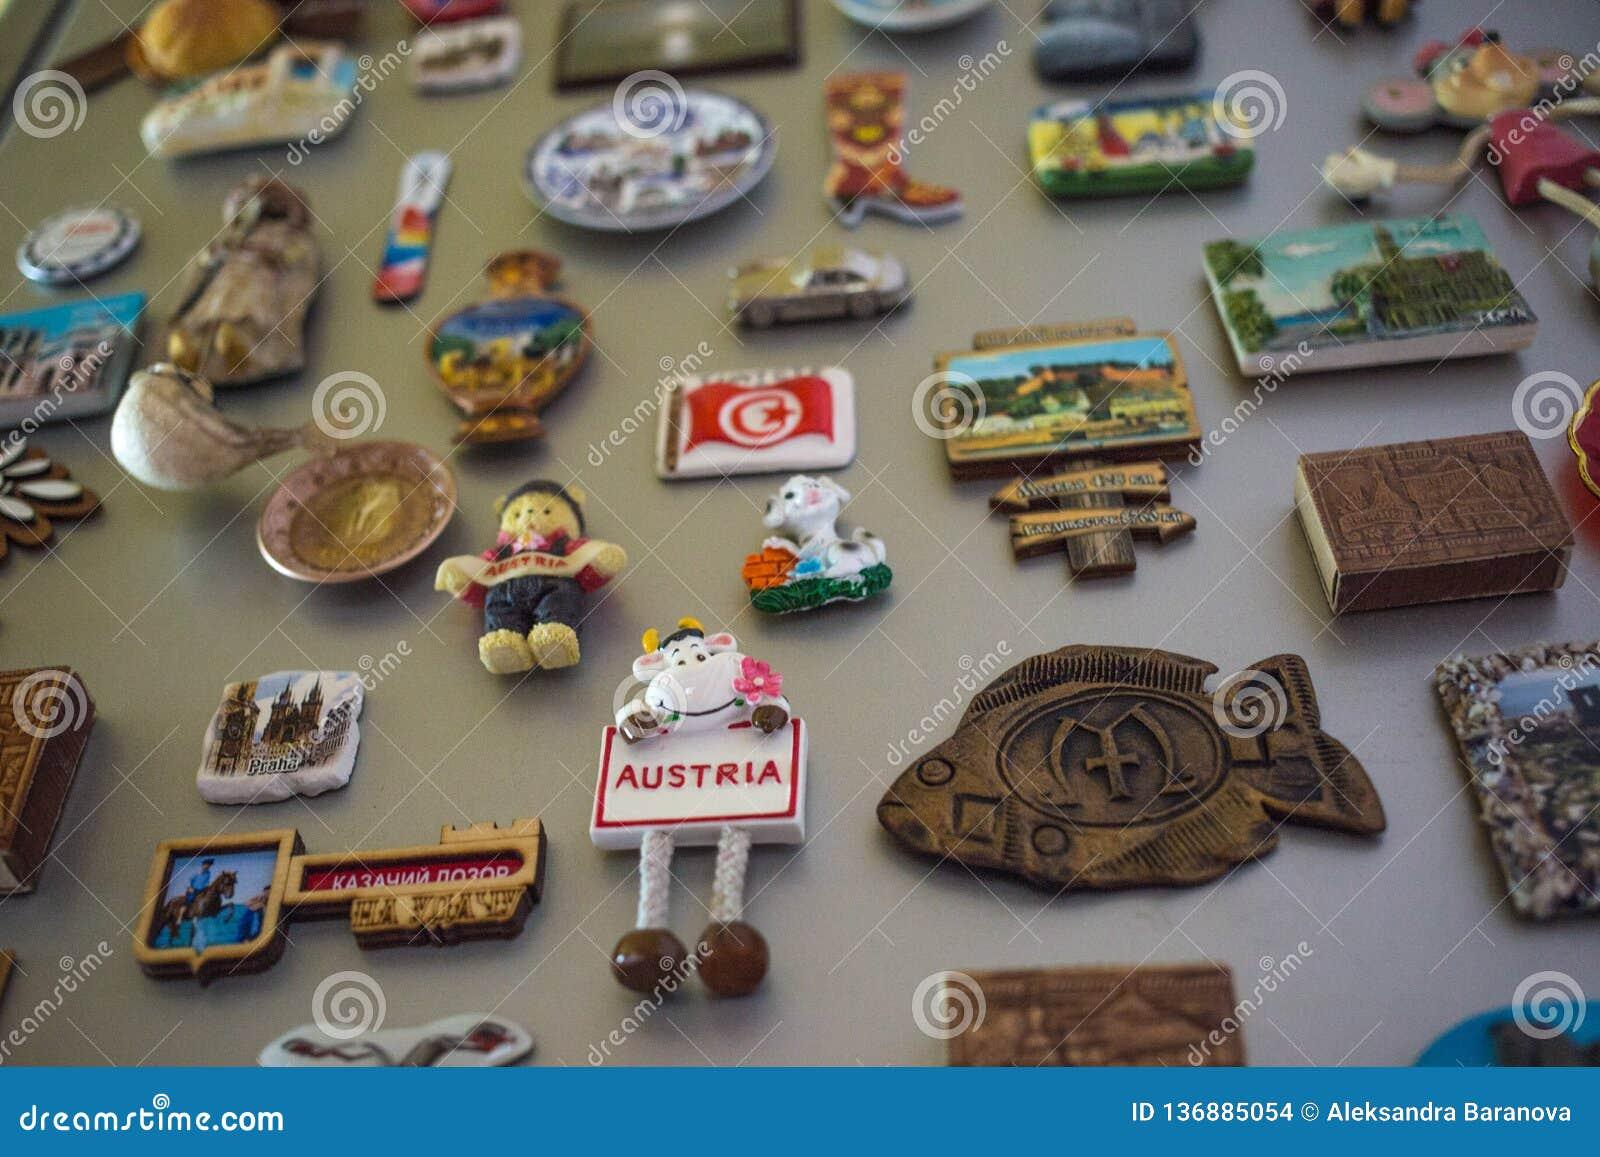 Moscou, Russie - 06 04 2018 : aimants de souvenir sur la porte de réfrigérateur, la mémoire du voyage